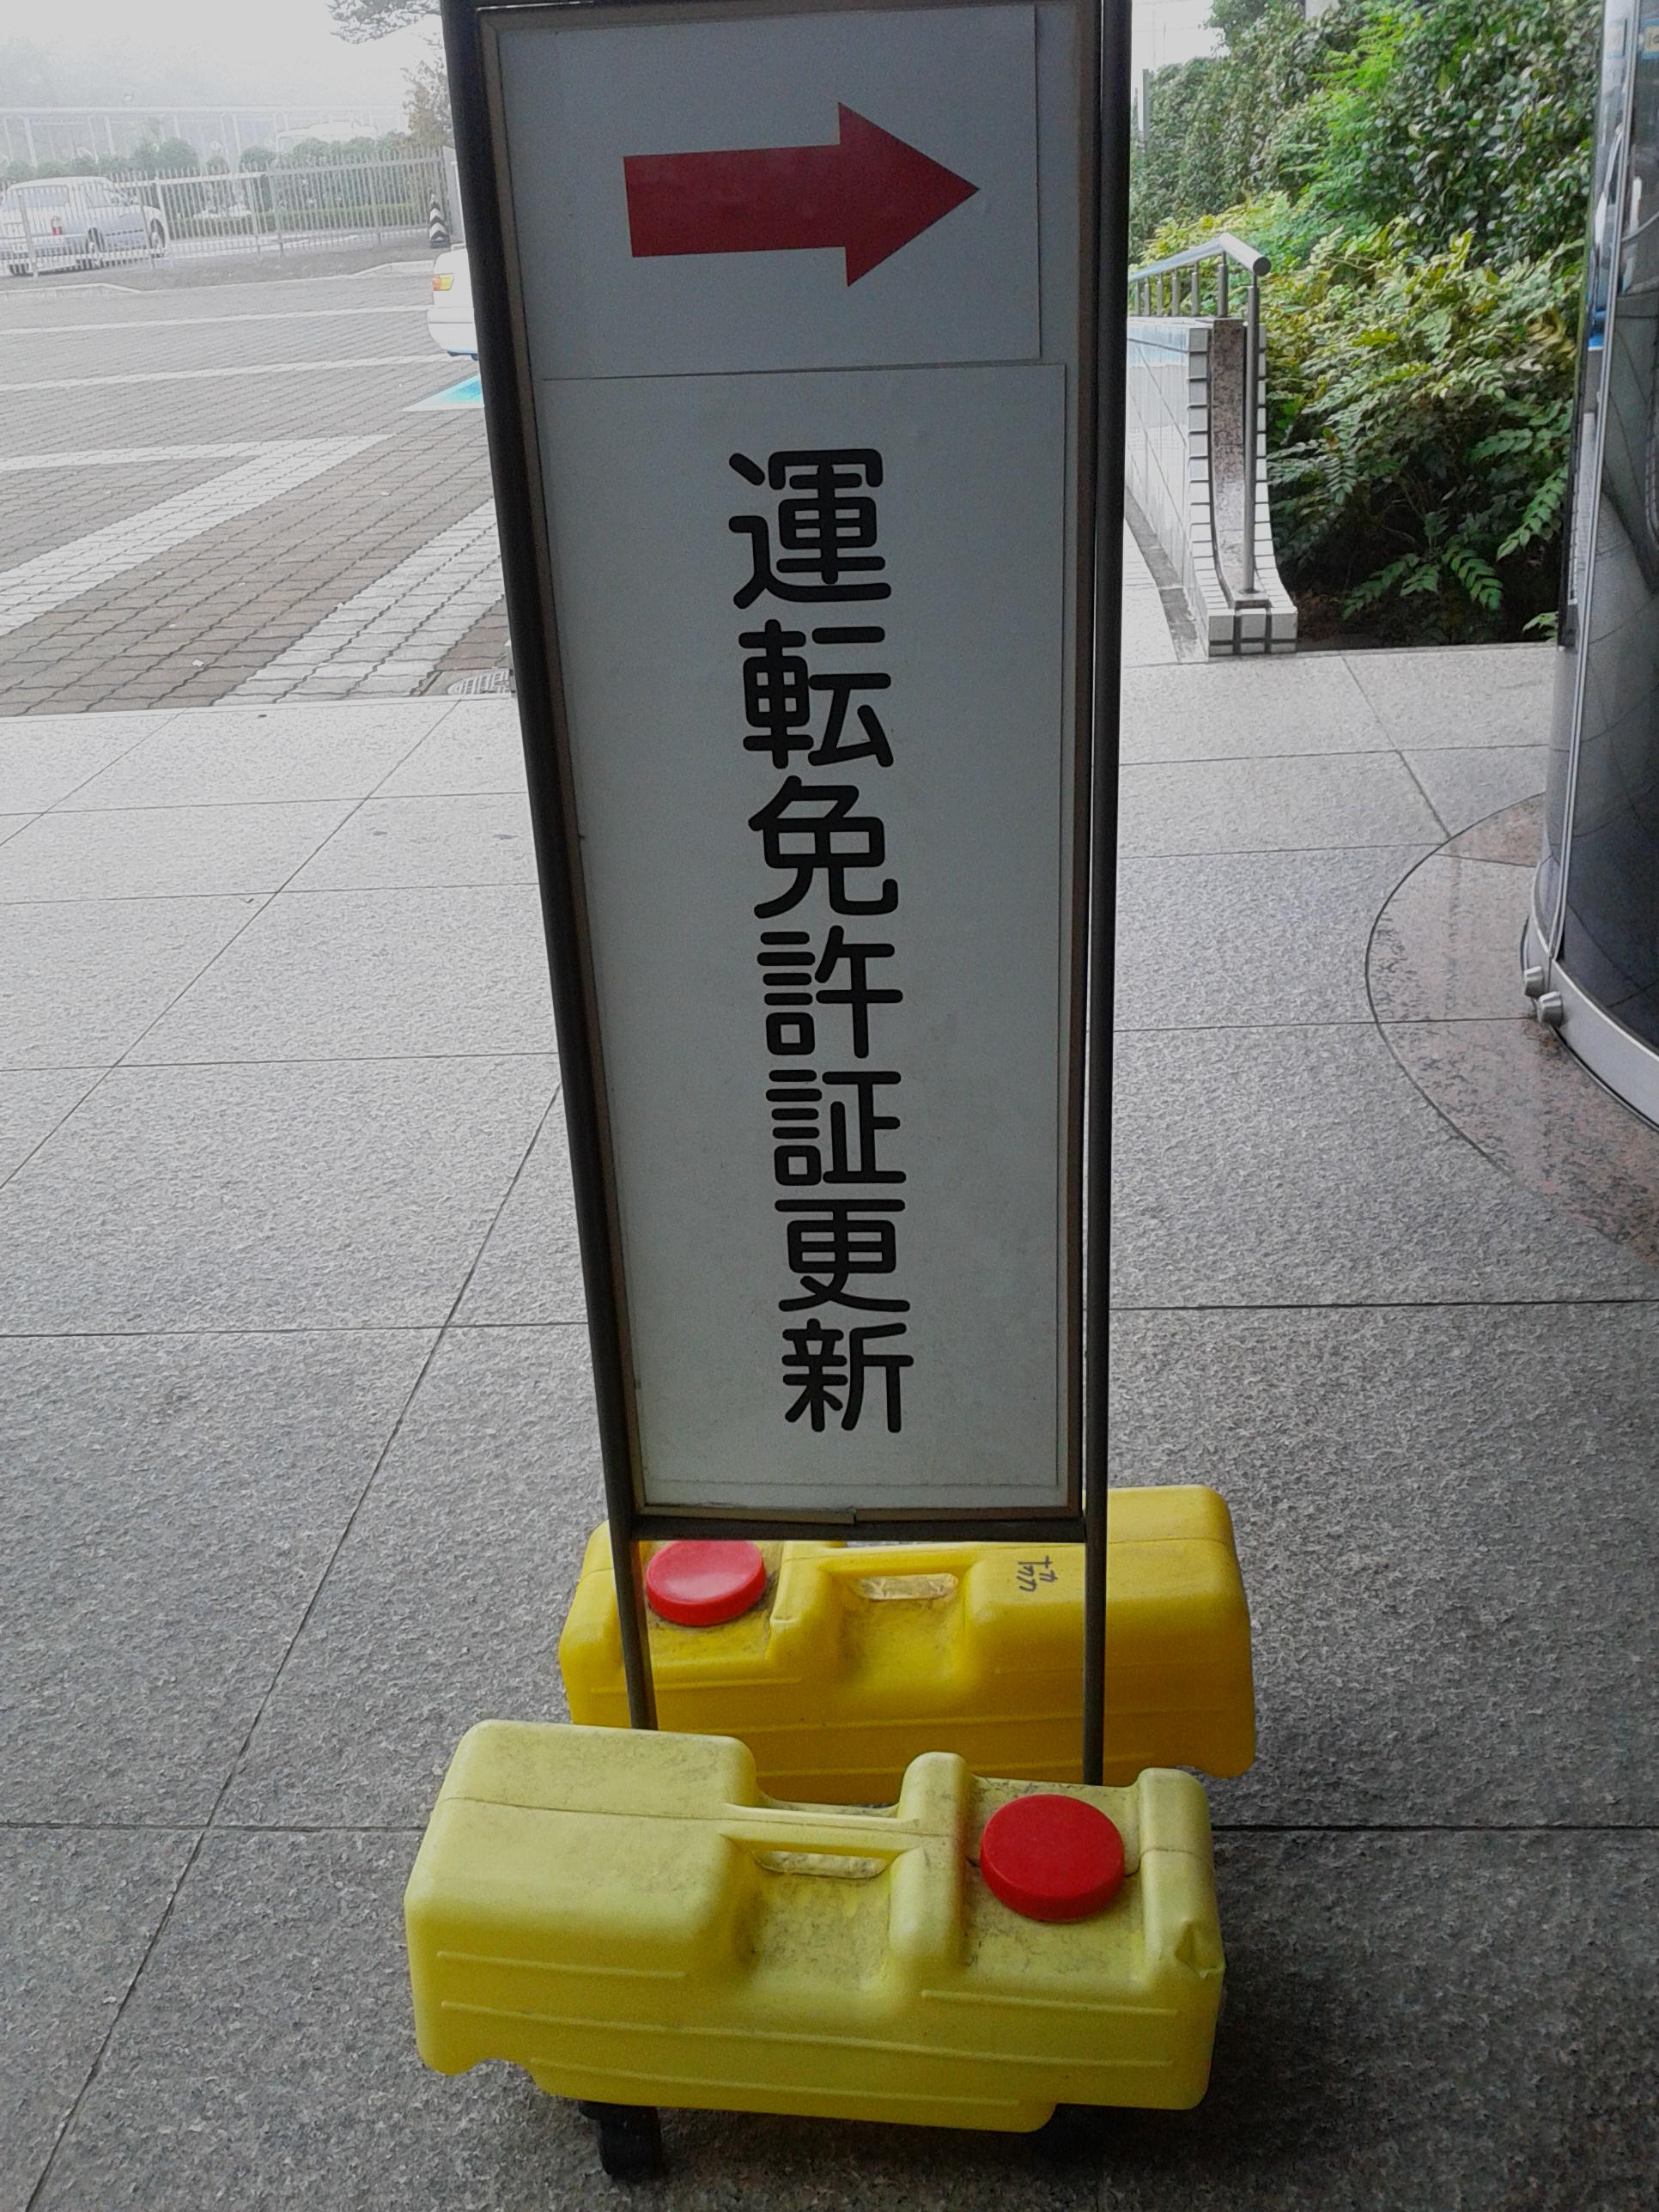 警察 埼玉 免許 更新 県